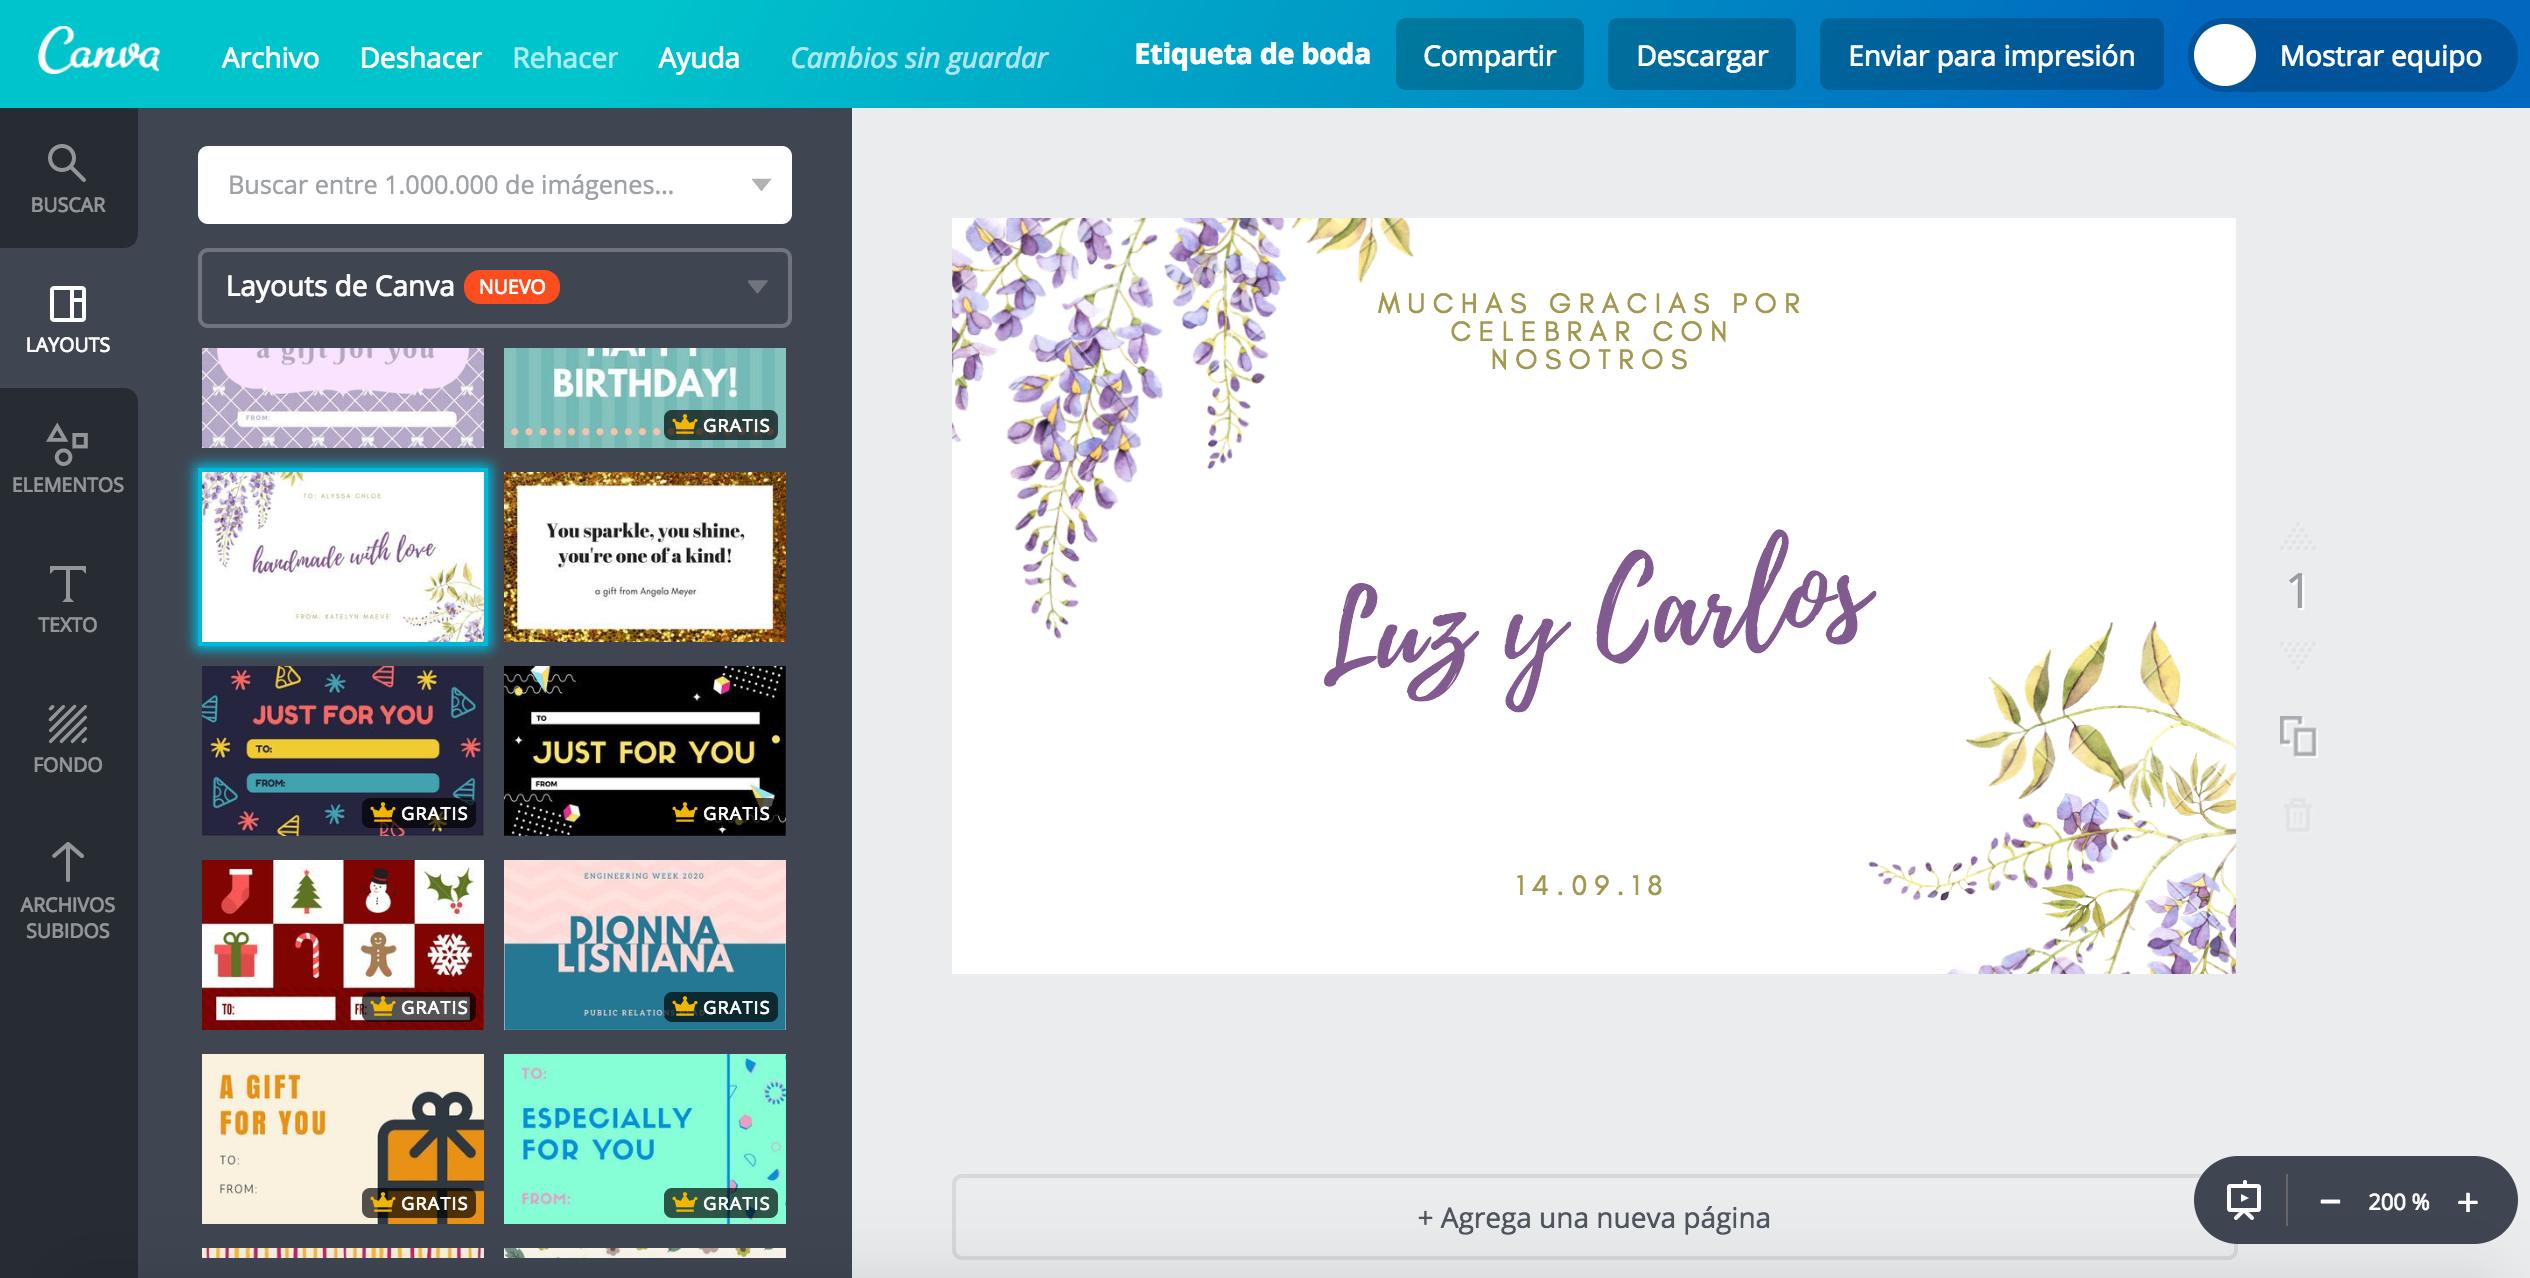 Crea etiquetas para boda online gratis - Canva